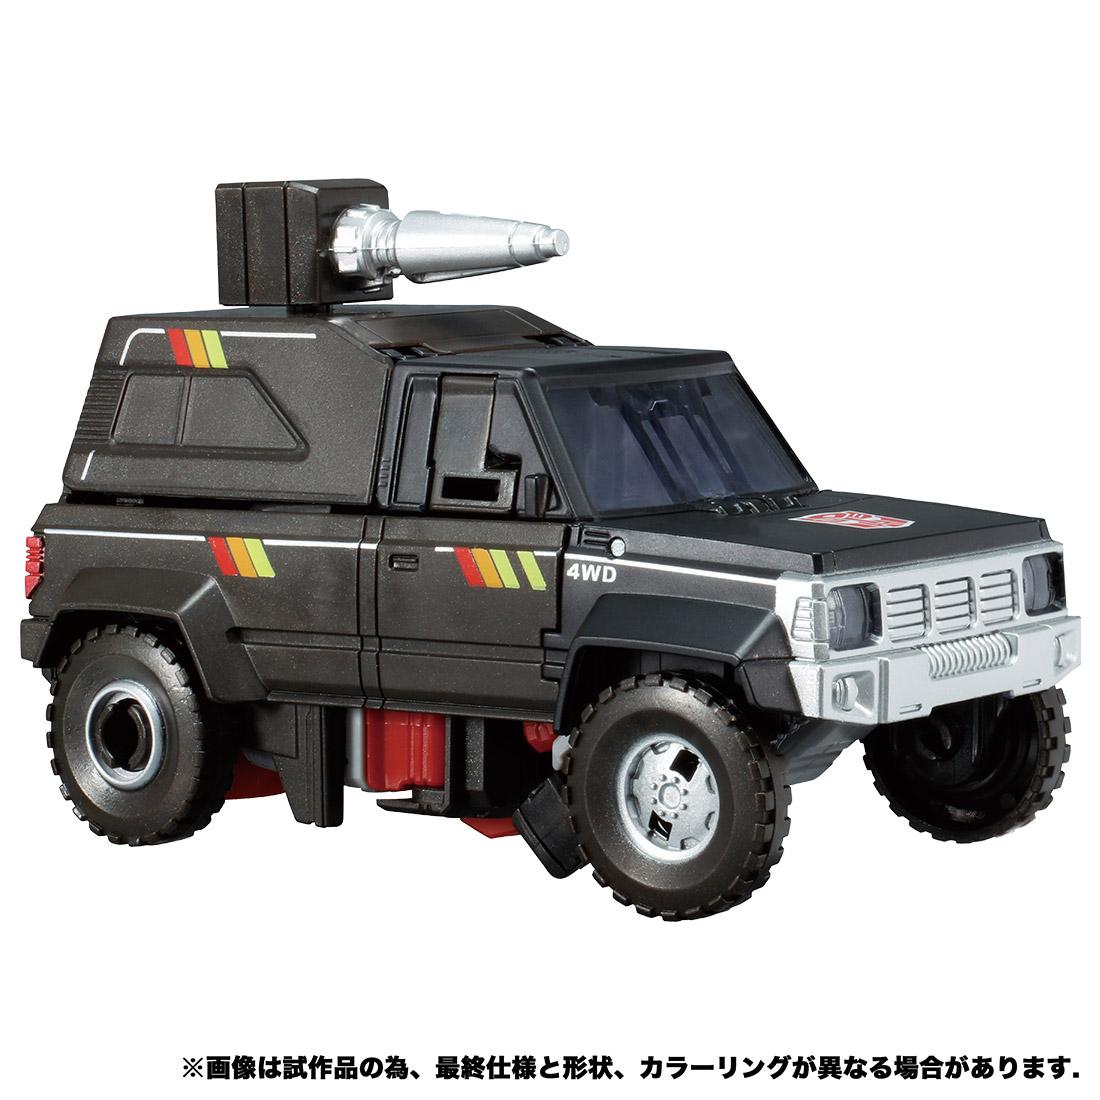 【限定販売】トランスフォーマー アースライズ『ER EX-13 トレイルブレイカー』可変可動フィギュア-002